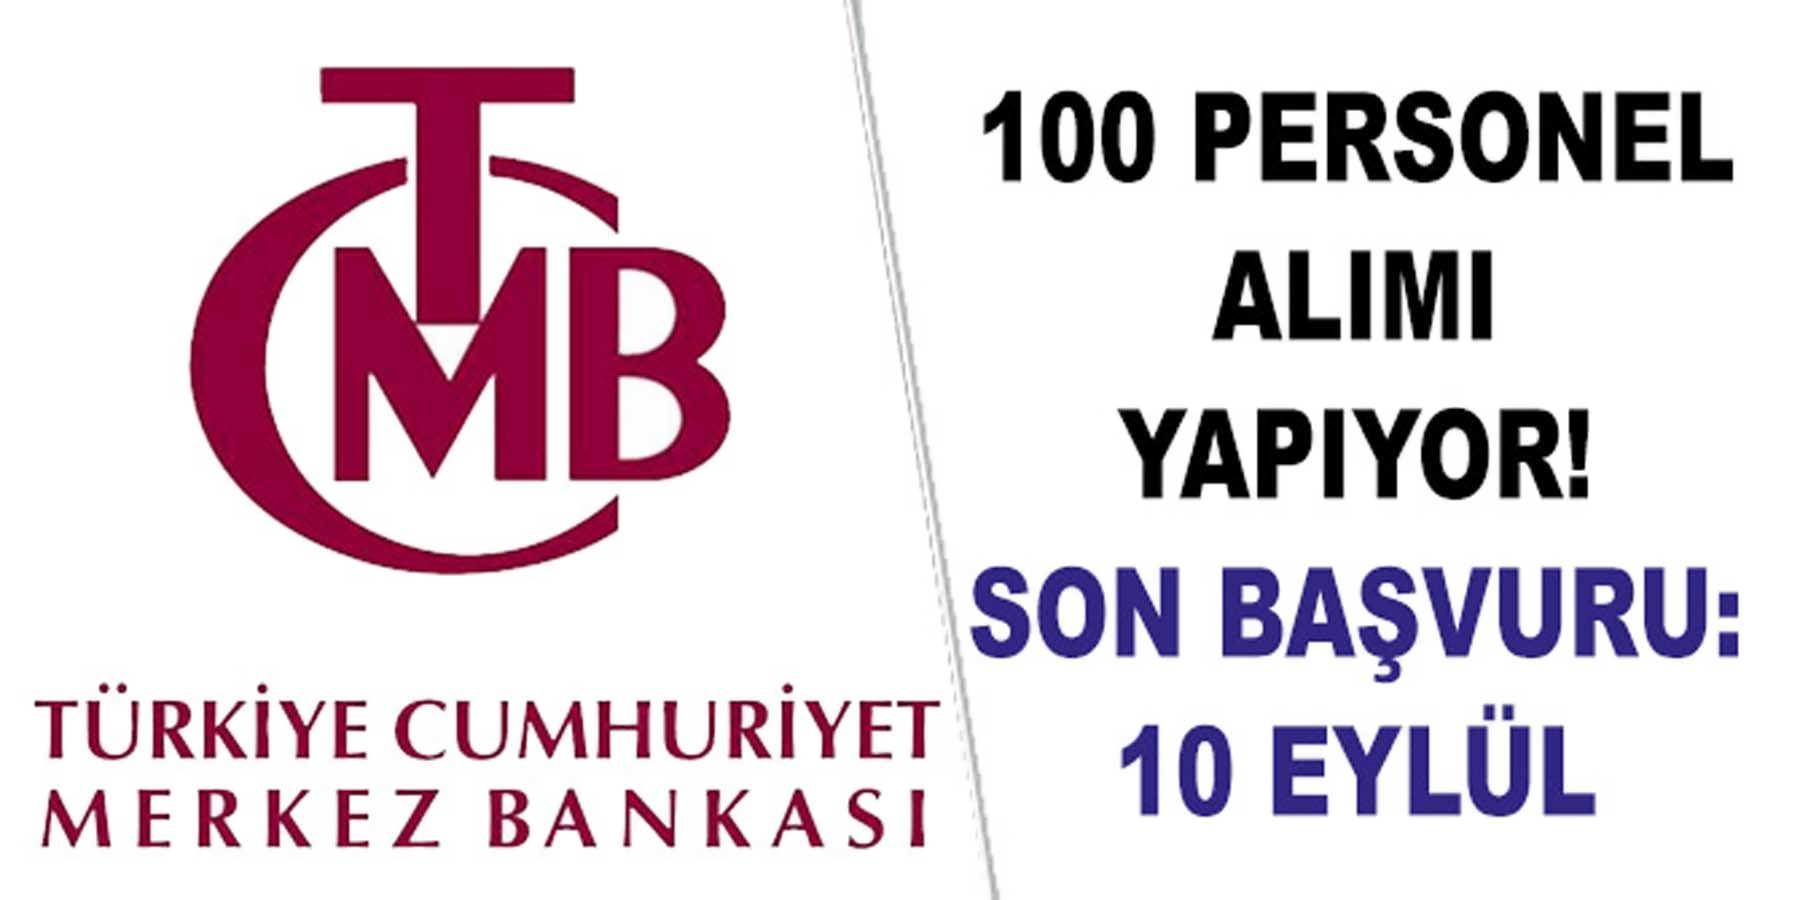 Merkez Bankası 100 Kamu Personeli Alımı Yapıyor